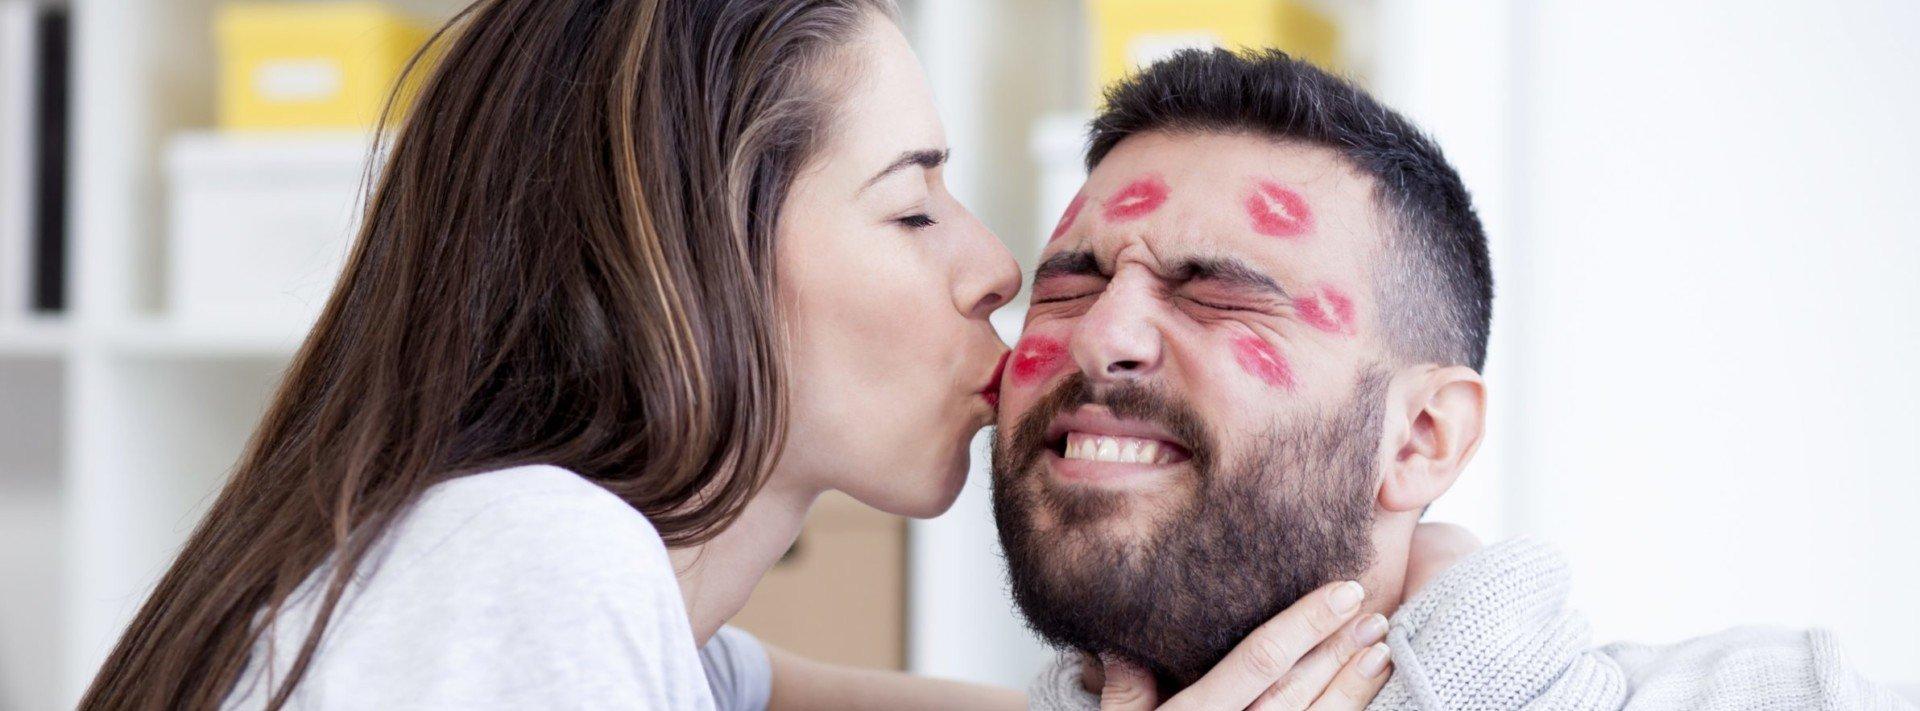 Признаки сексуальной неудовлетворенности у женщин